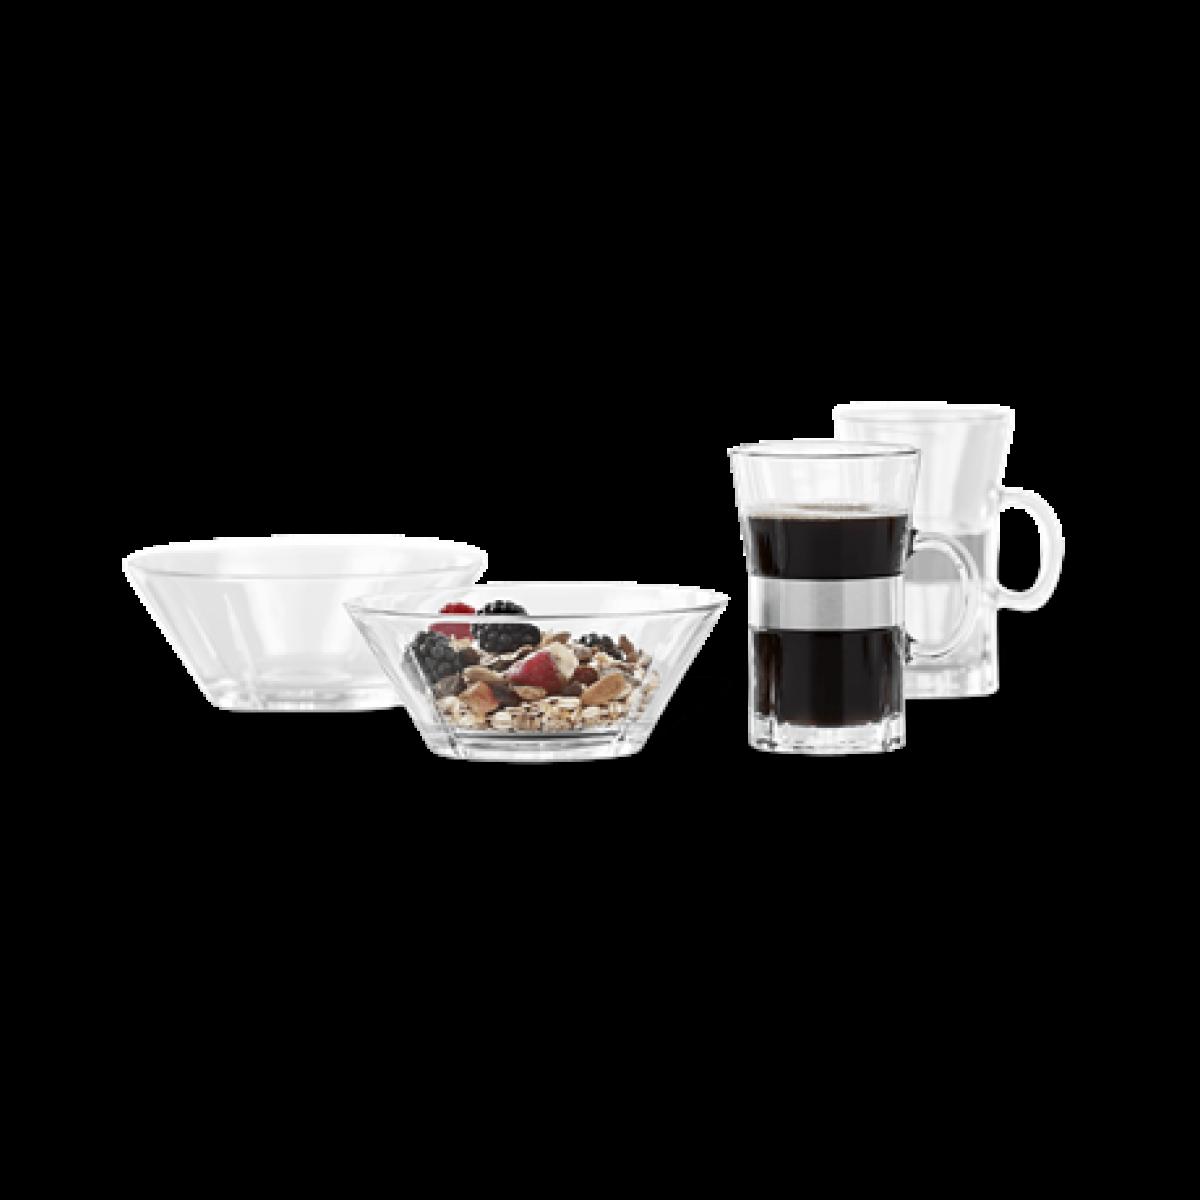 ROSENDAHL Grand Cru morgenmadssæt hot drink & skål 2 pers.